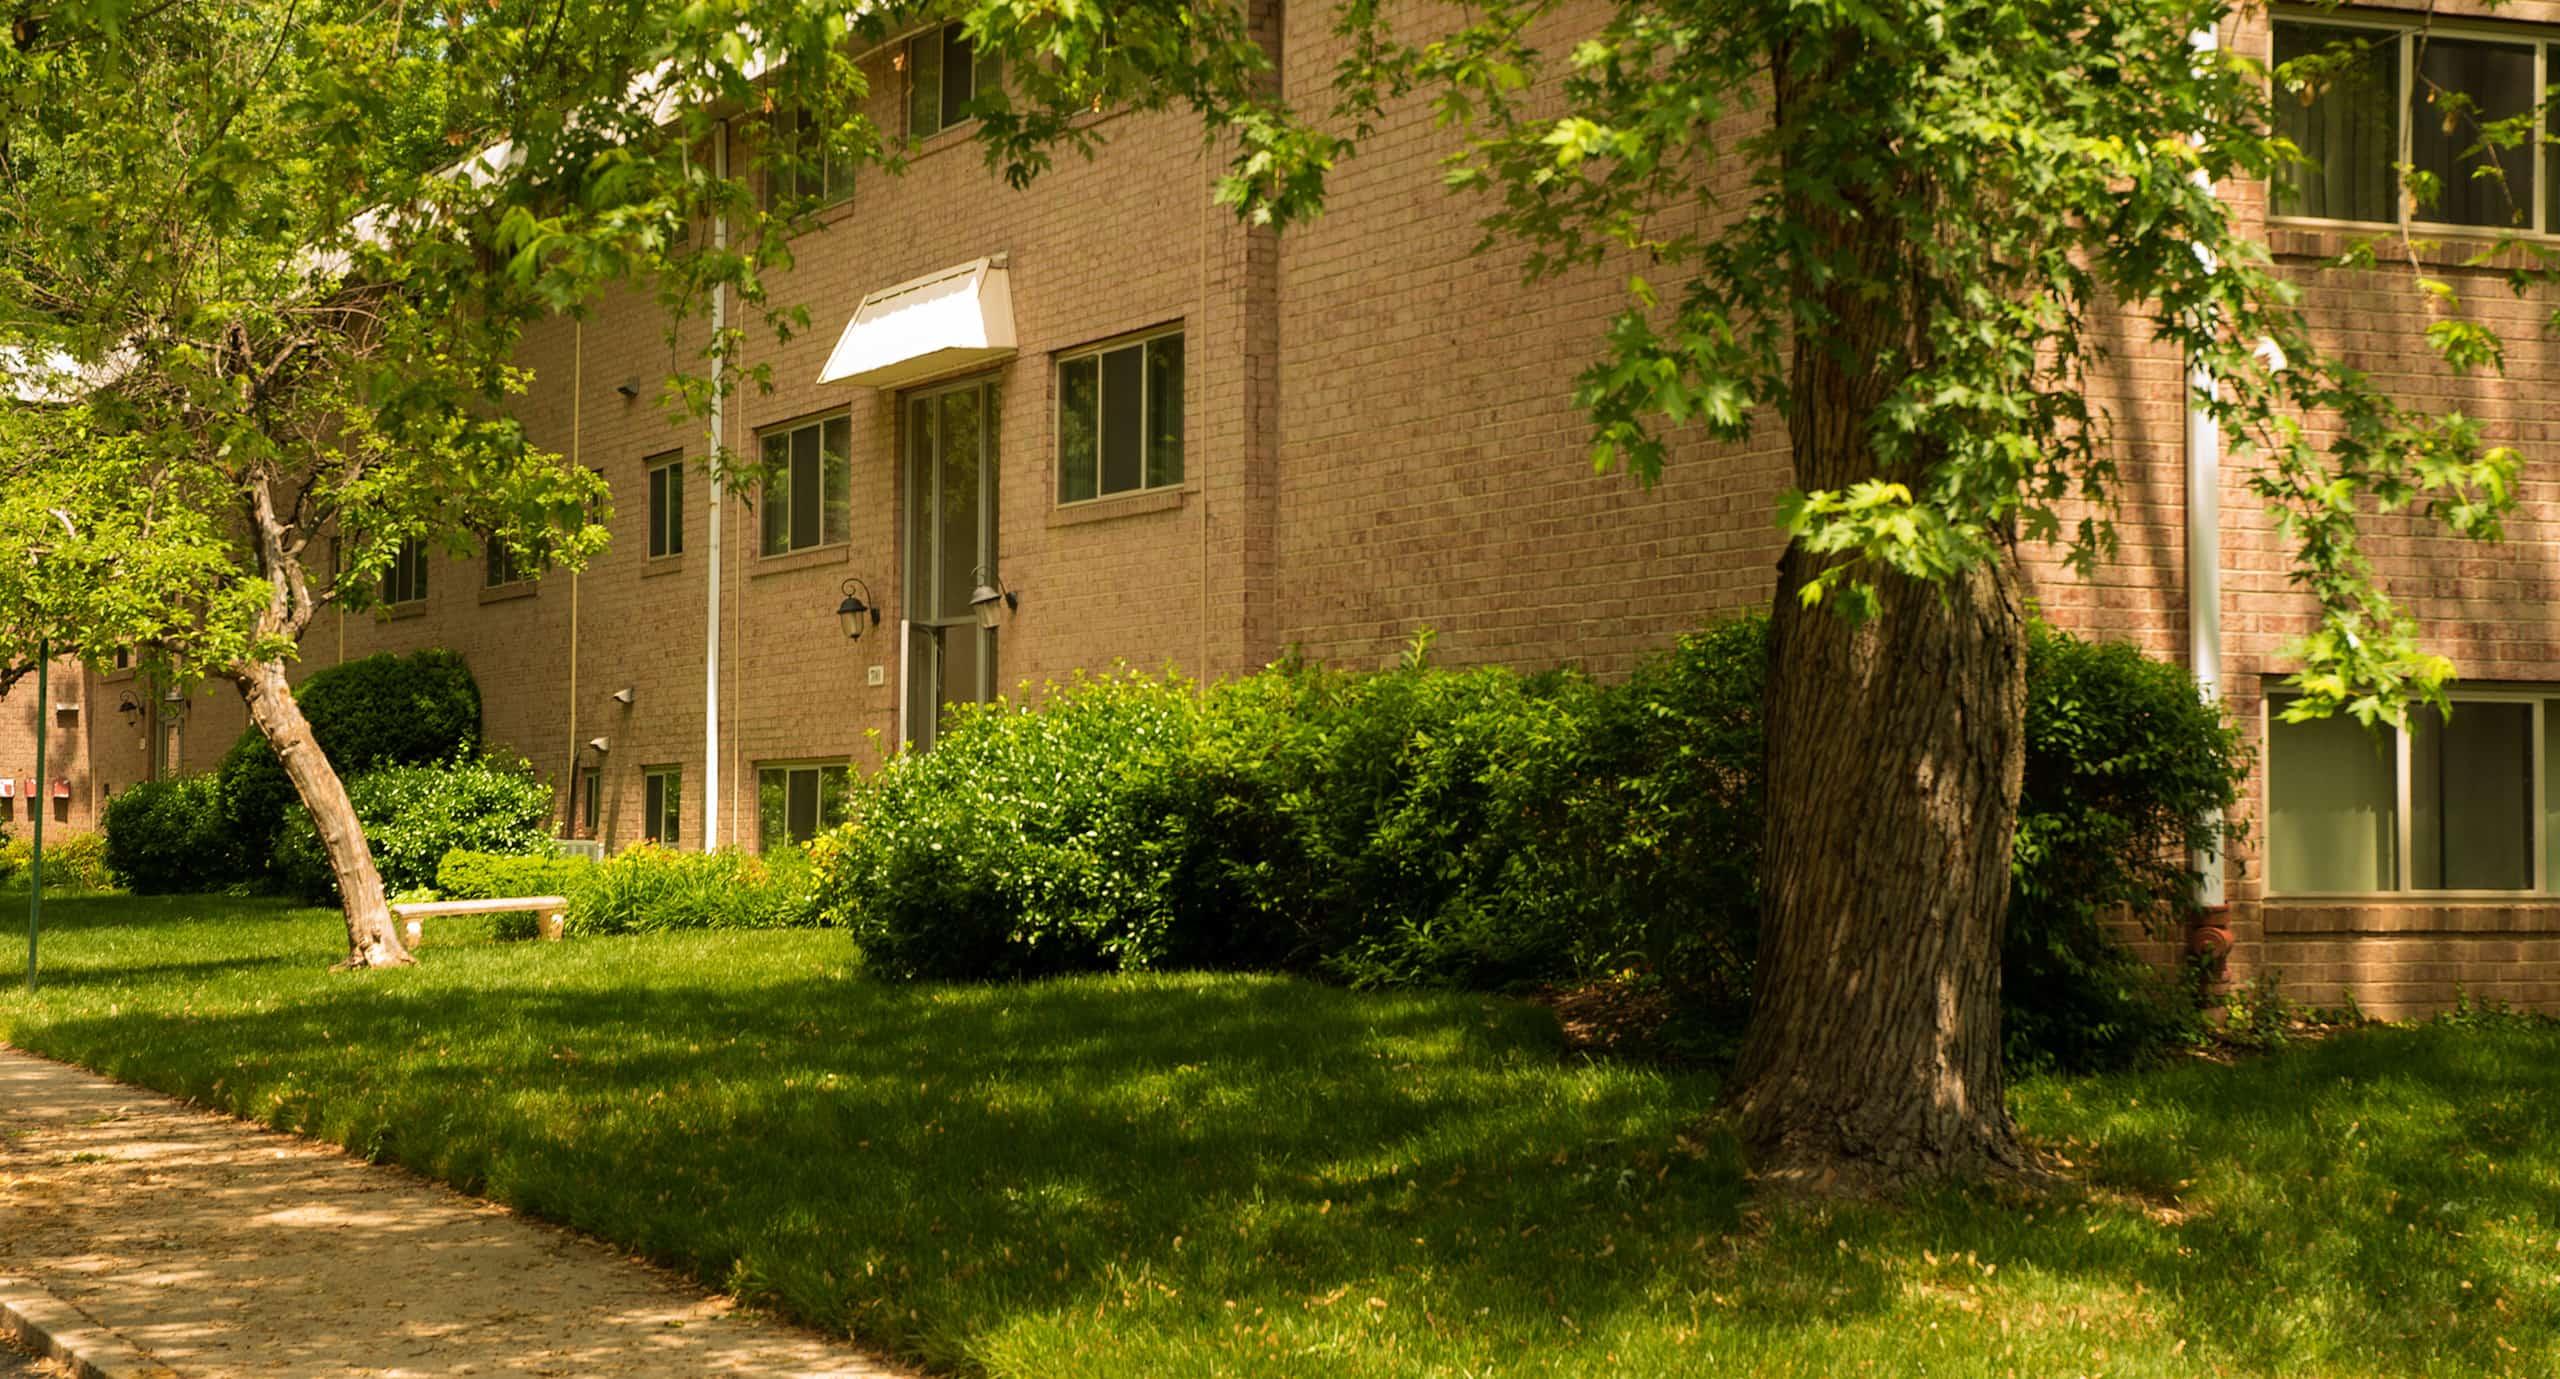 Somerset at Towson Apartments exterior